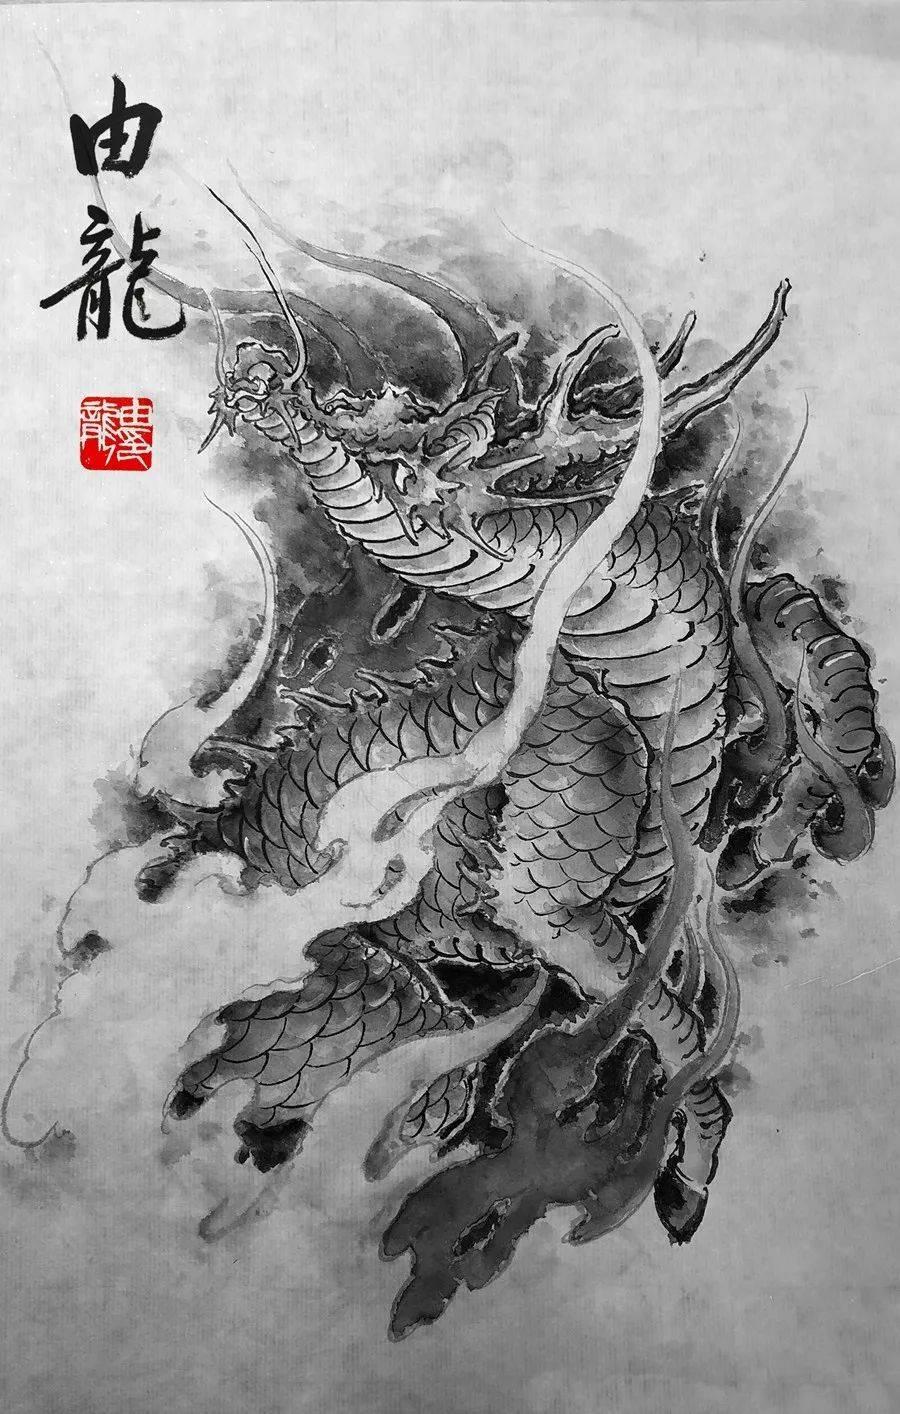 传统神兽造型设计,瑞兽麒麟纹身设计稿上海由龙纹身作品